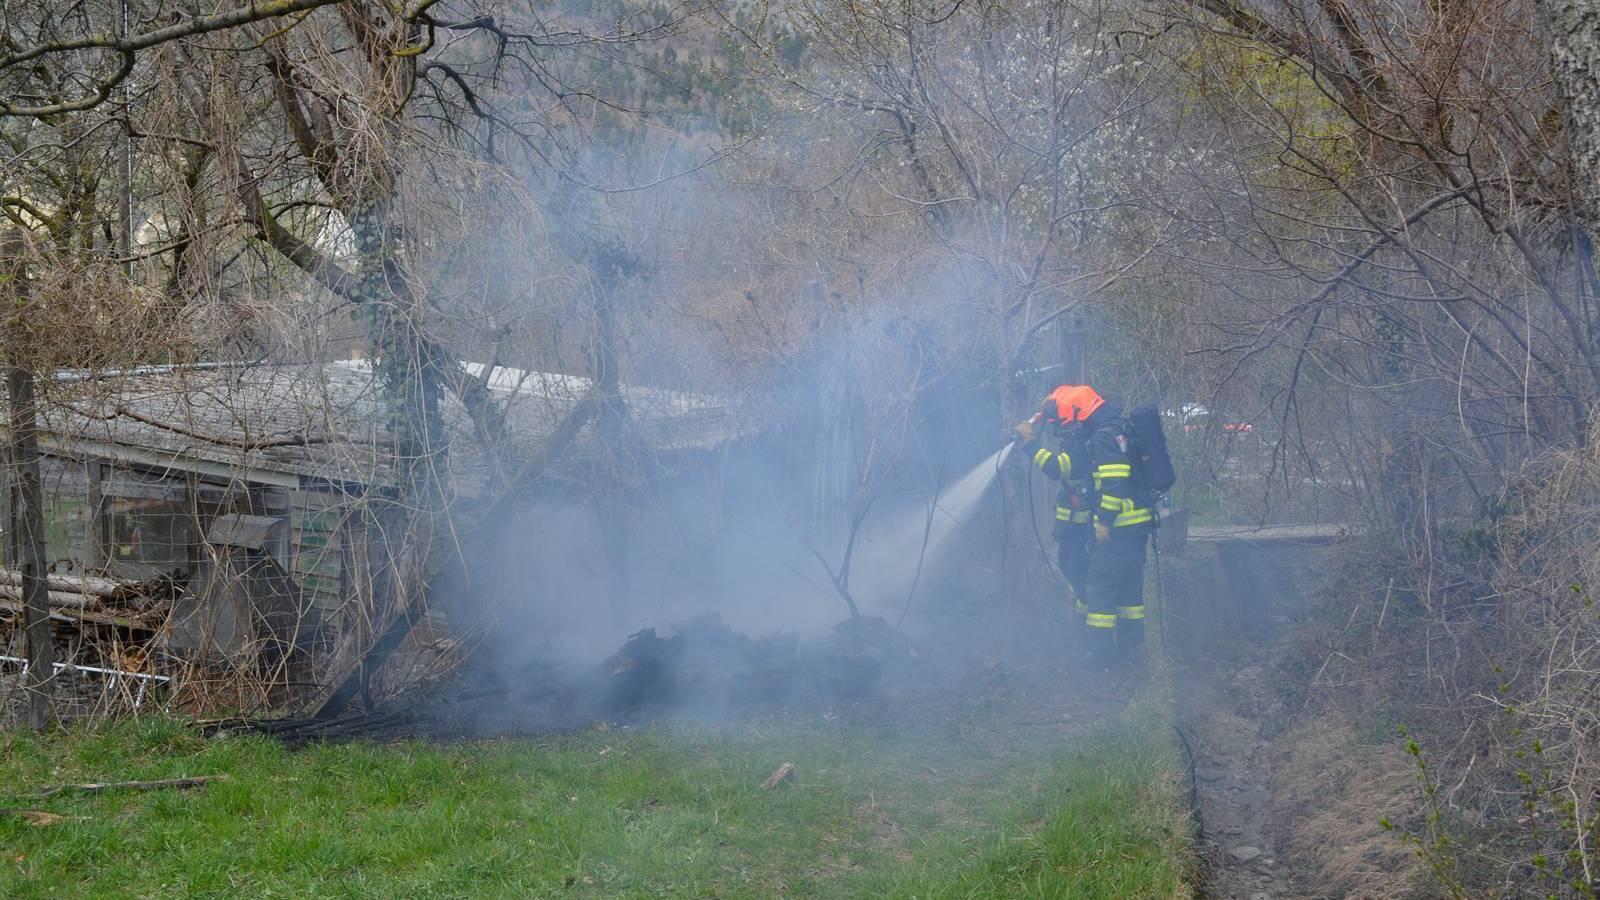 Der Brand beim Gartenhäuschen wurde durch Raucherwaren ausgelöst.